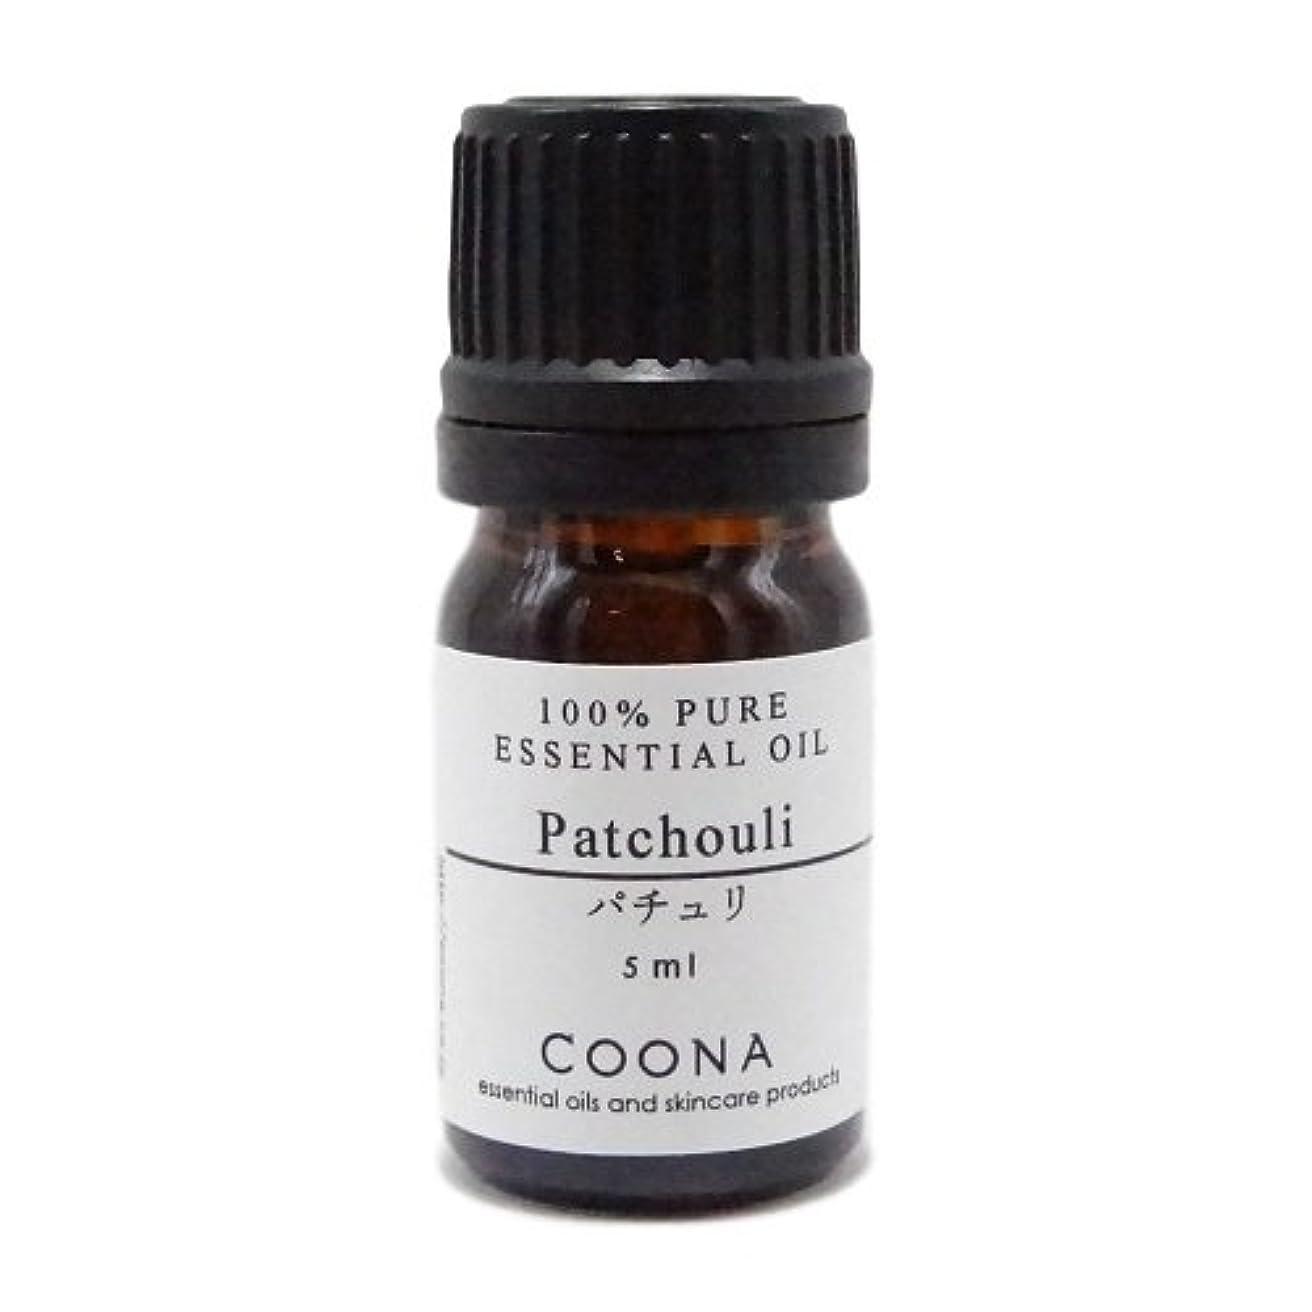 サーバント誘うドラゴンパチュリ 5 ml (COONA エッセンシャルオイル アロマオイル 100%天然植物精油)